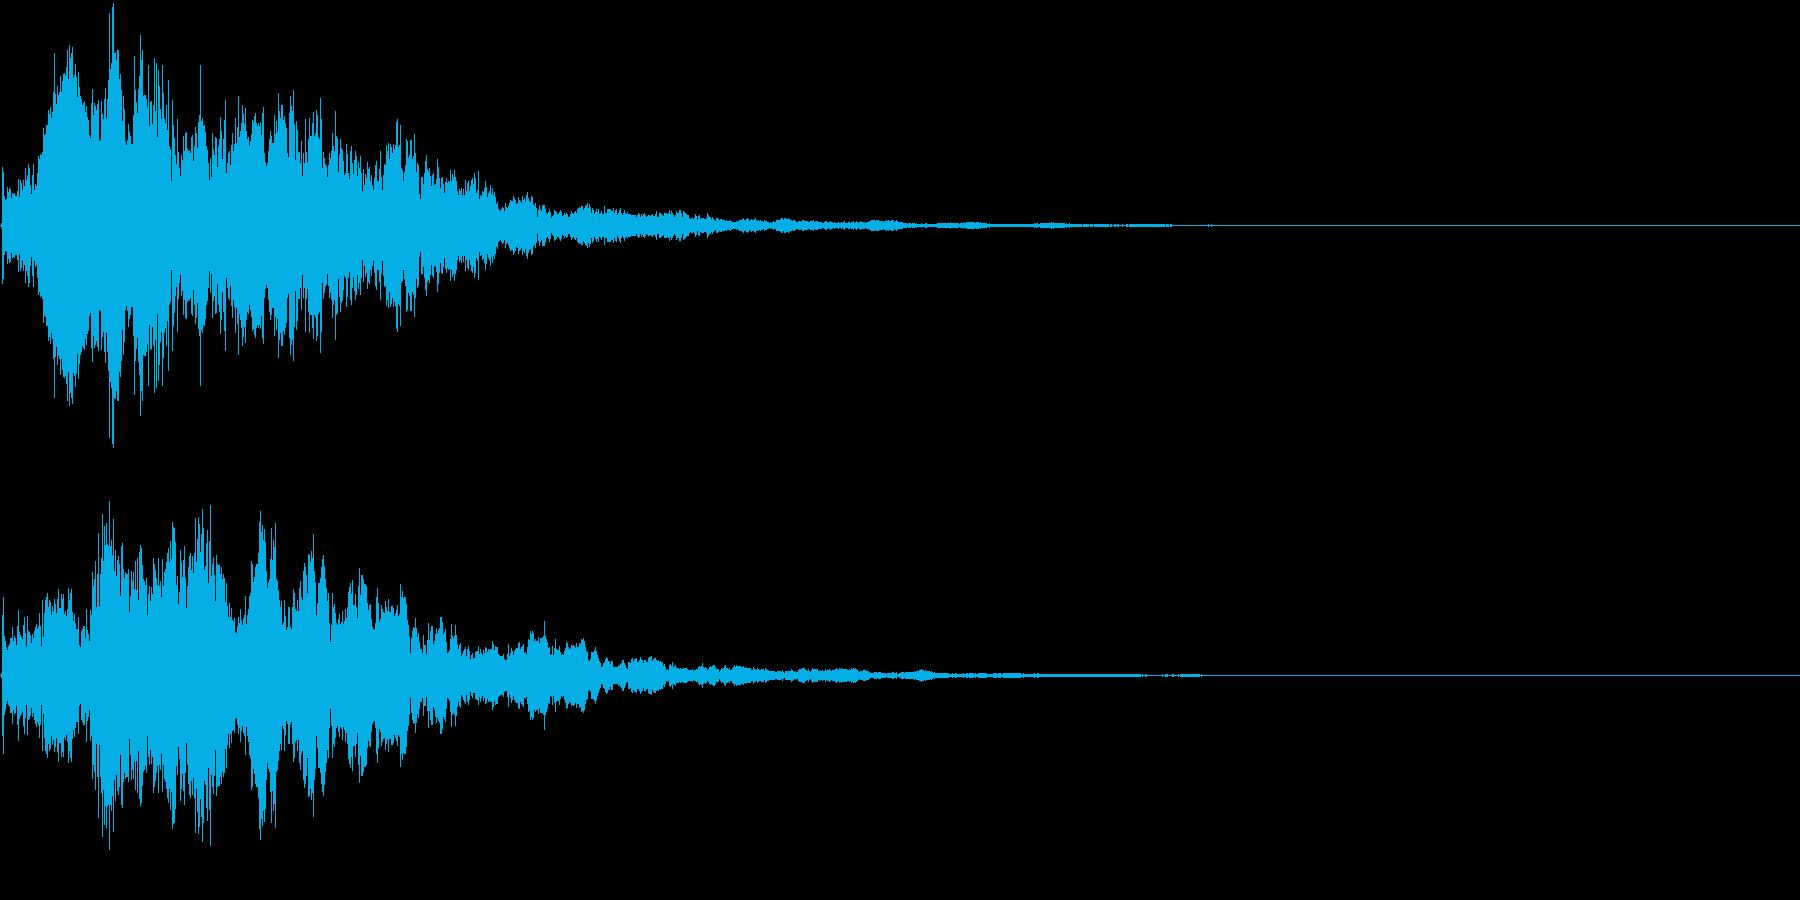 閃き 気付き 思いつき キーン ヒーンの再生済みの波形